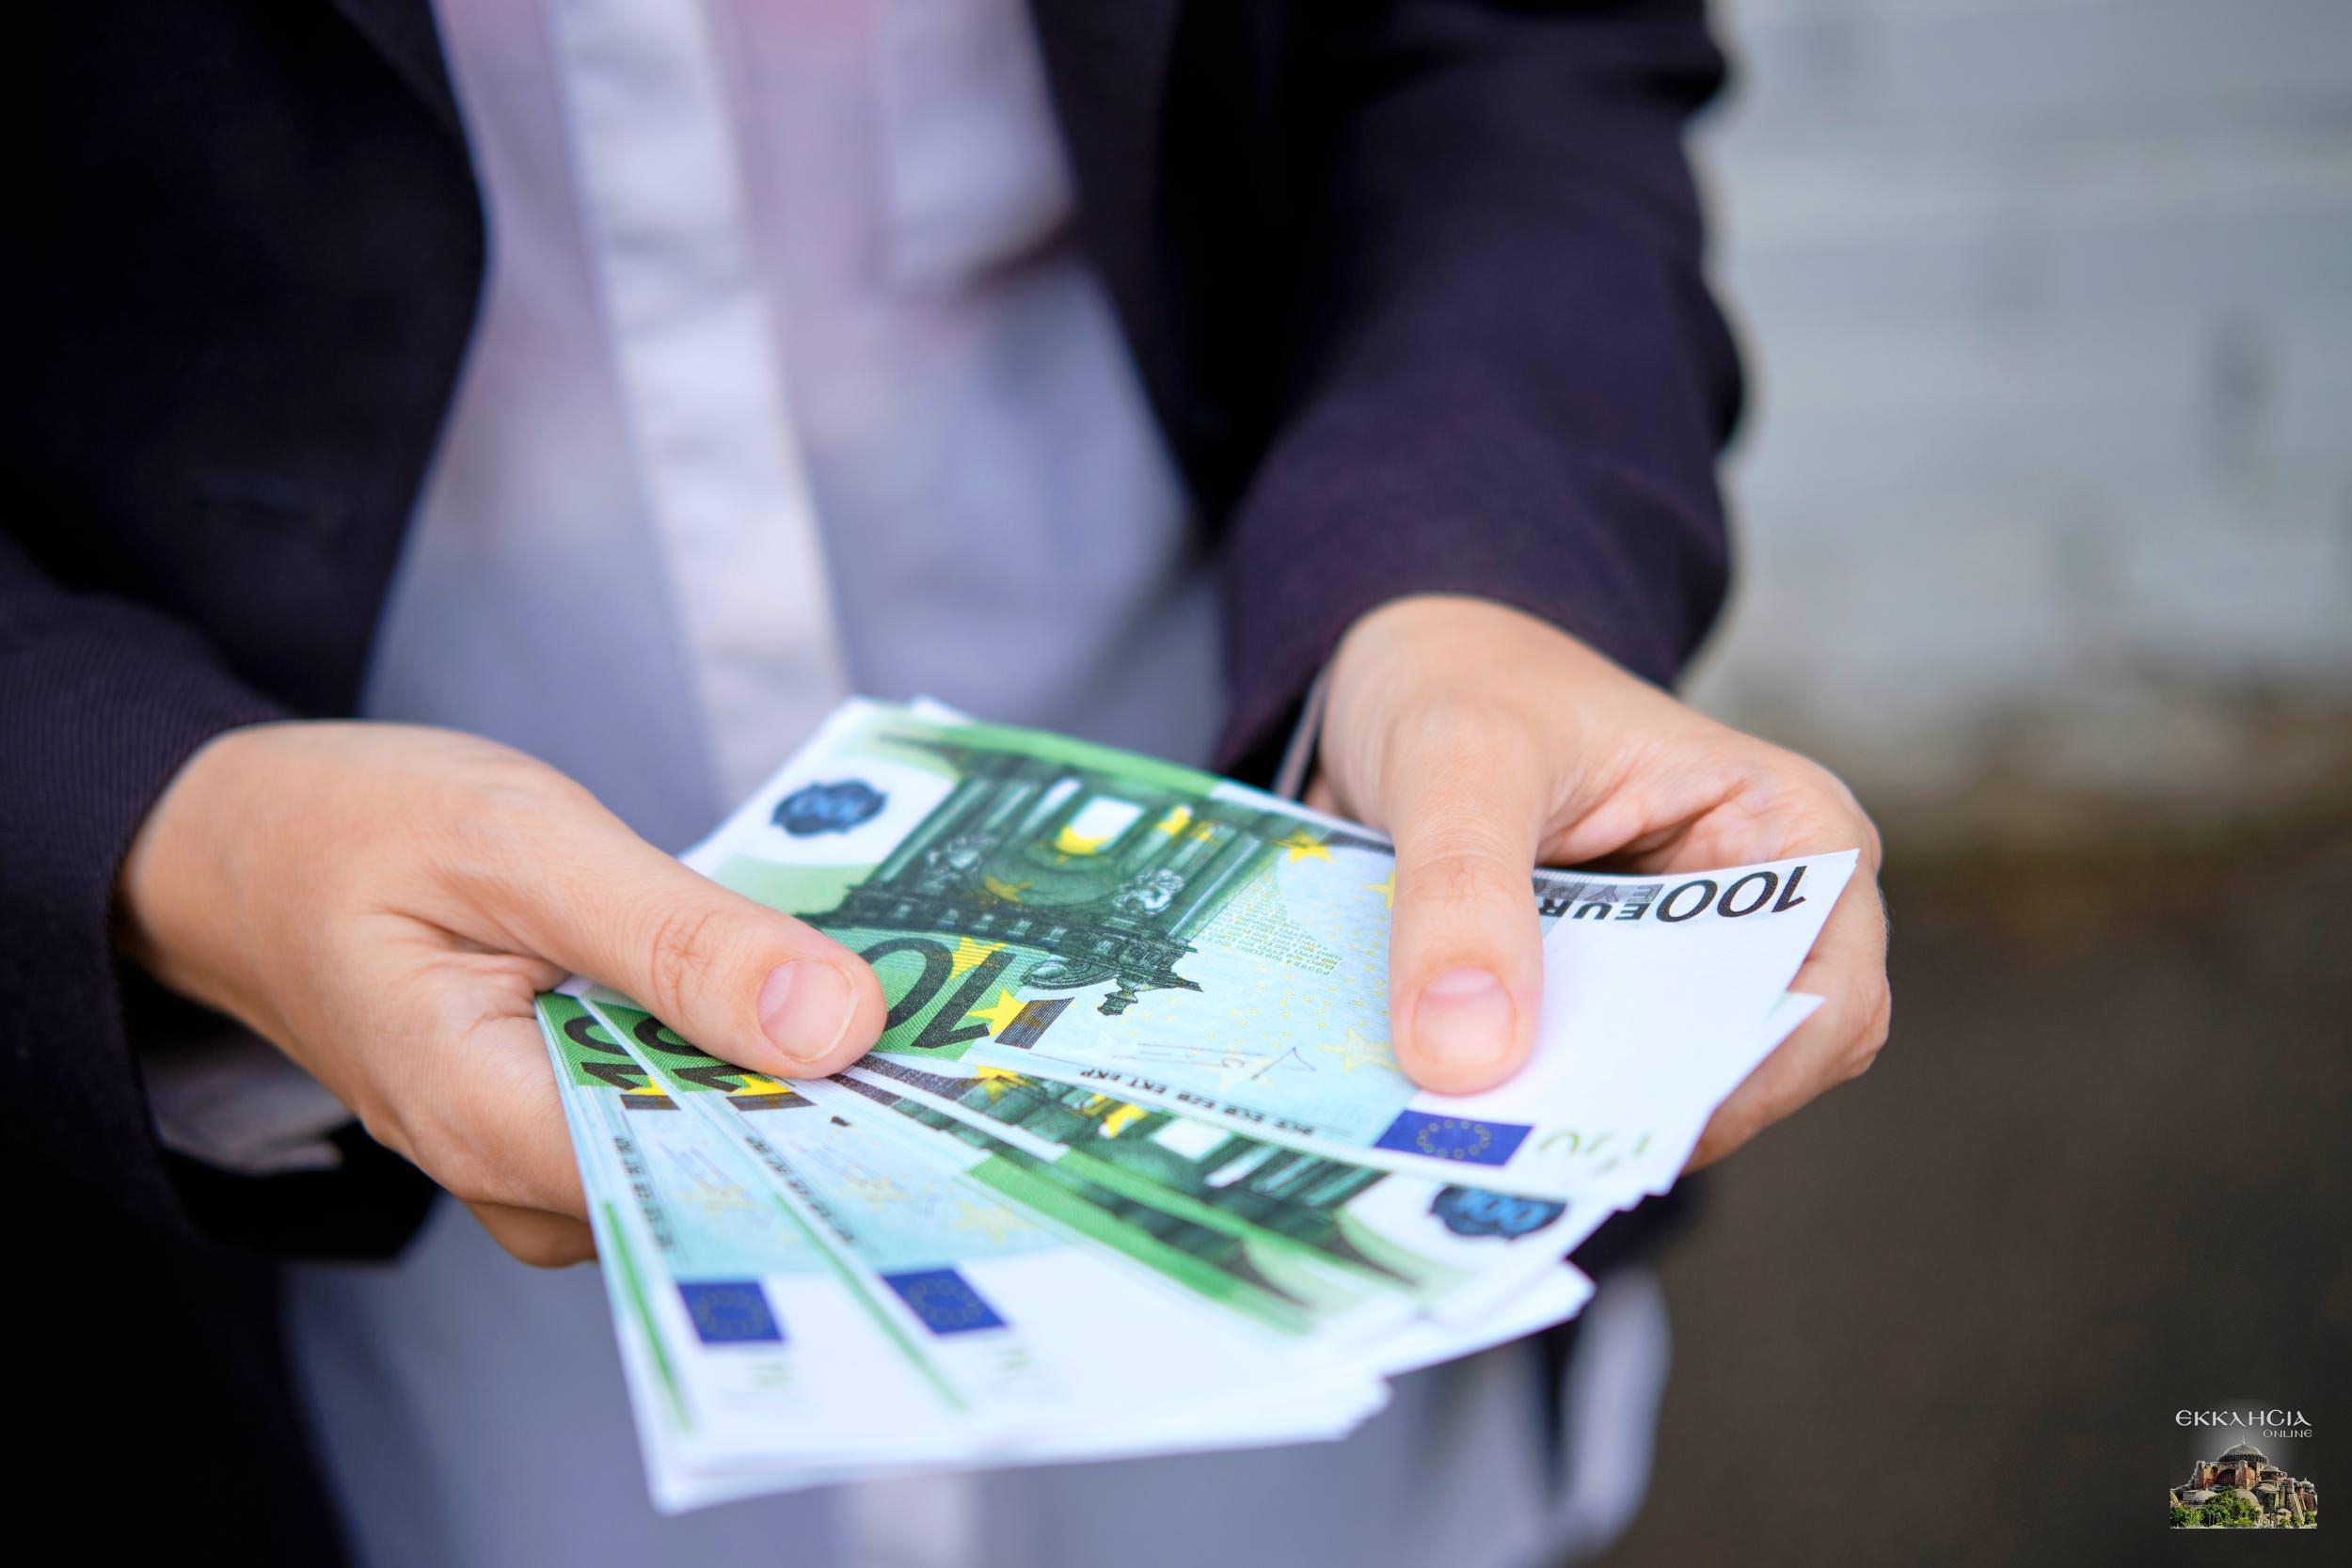 επίδομα οαεδ μετρητά πληρωμή